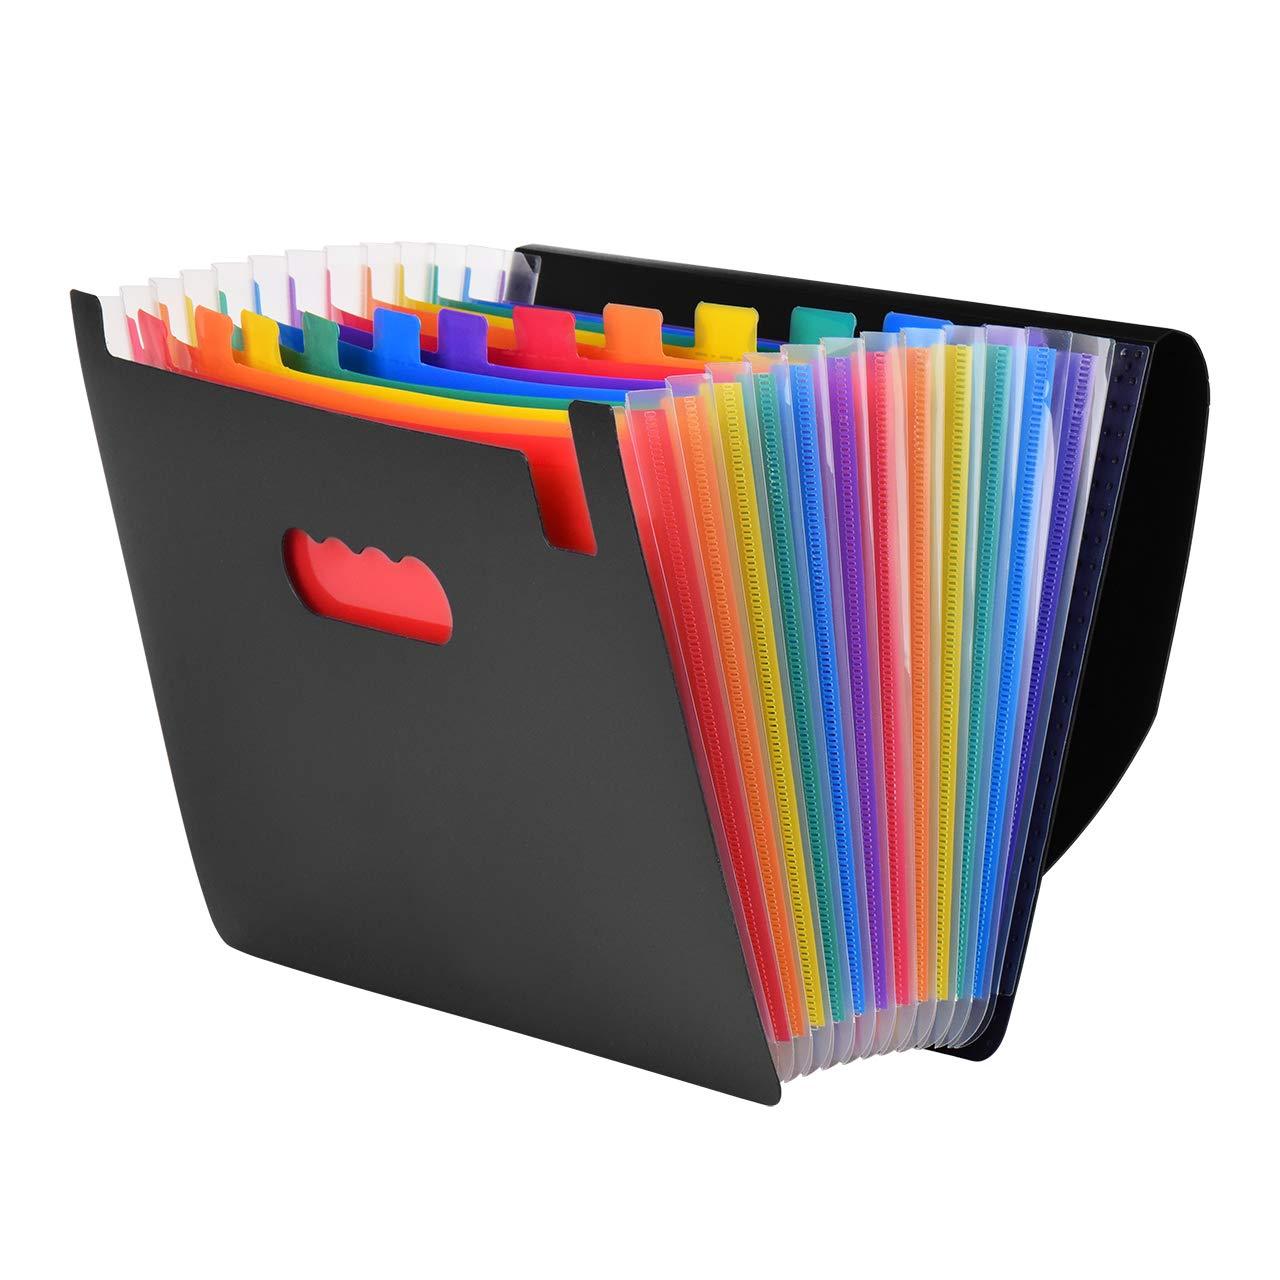 Eyourlife Sorter a Soffietto Sorter a Fisarmonica 12 Scomparti Carta Espandibile A4 Multicolore Documenti Classificati Cartella File Espandibile Organizzatore con Chiusura Nera